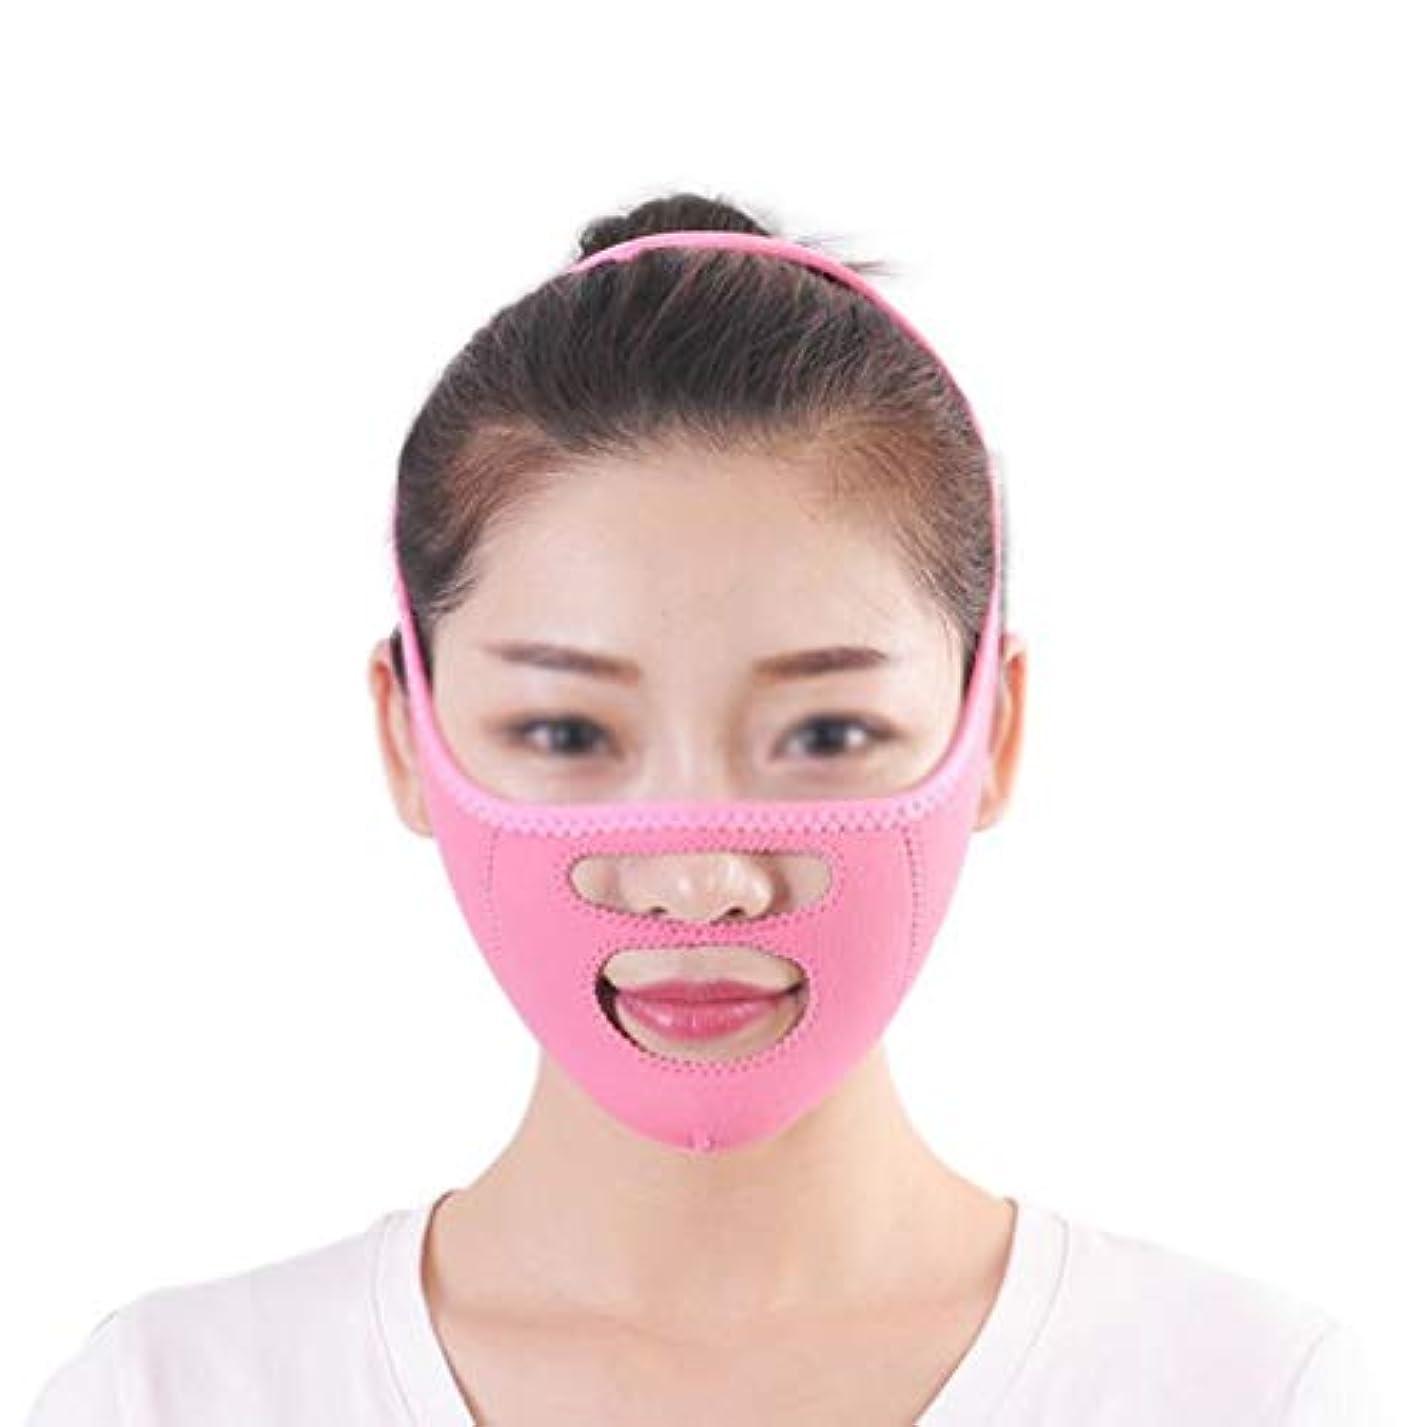 敗北航空機薬理学ZWBD フェイスマスク, 薄い顔のアーティファクト包帯Vの顔薄い咬筋補正Vの顔のアーティファクトを整形して、身体の健康の引き締めを改善する